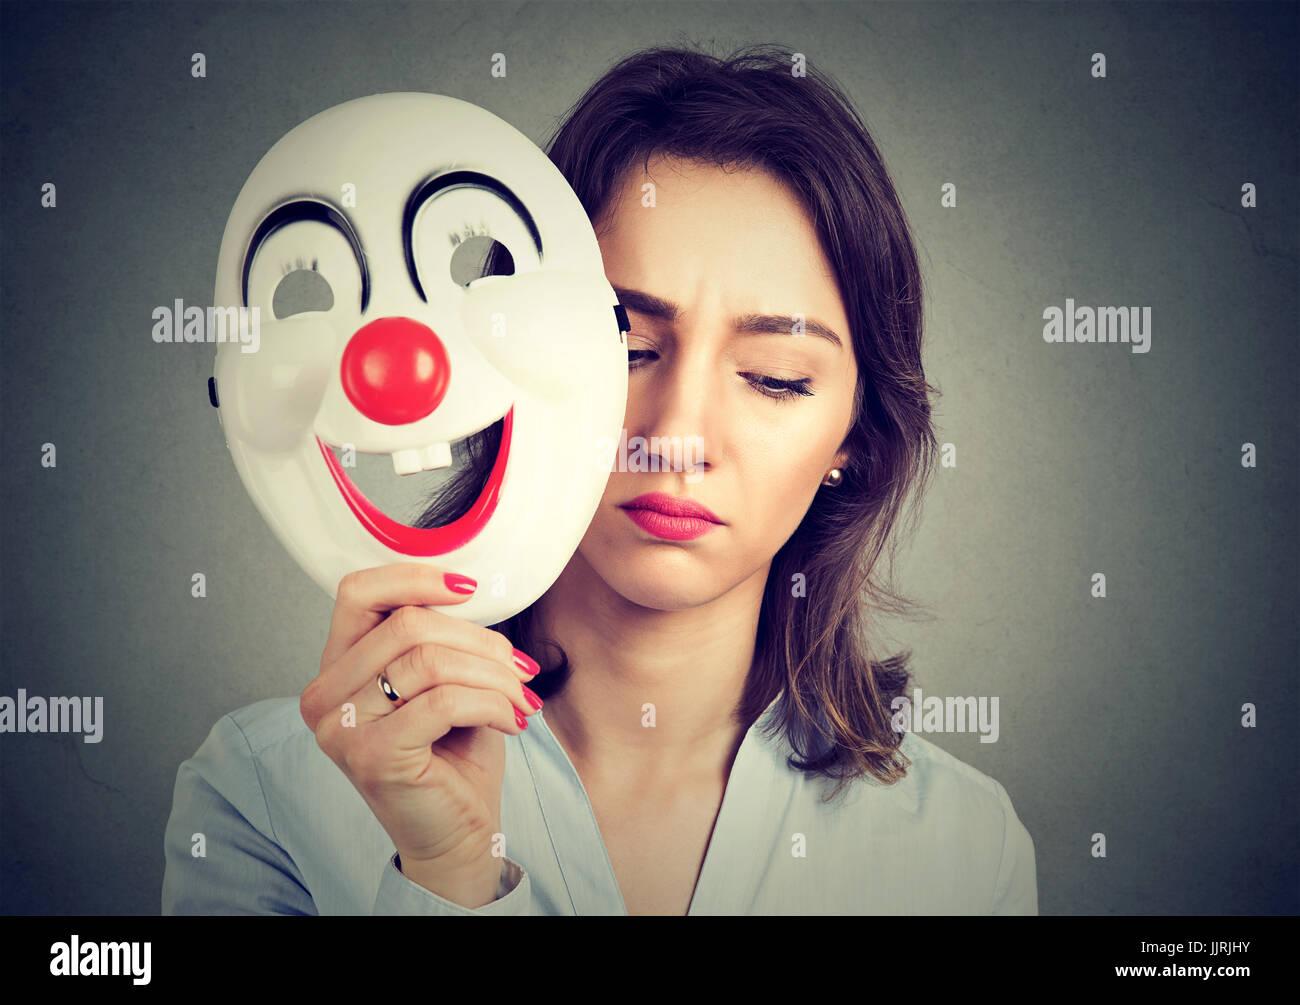 Triste Portrait woman taking off masque clown heureux isolé sur fond de mur gris. Les émotions humaines Photo Stock